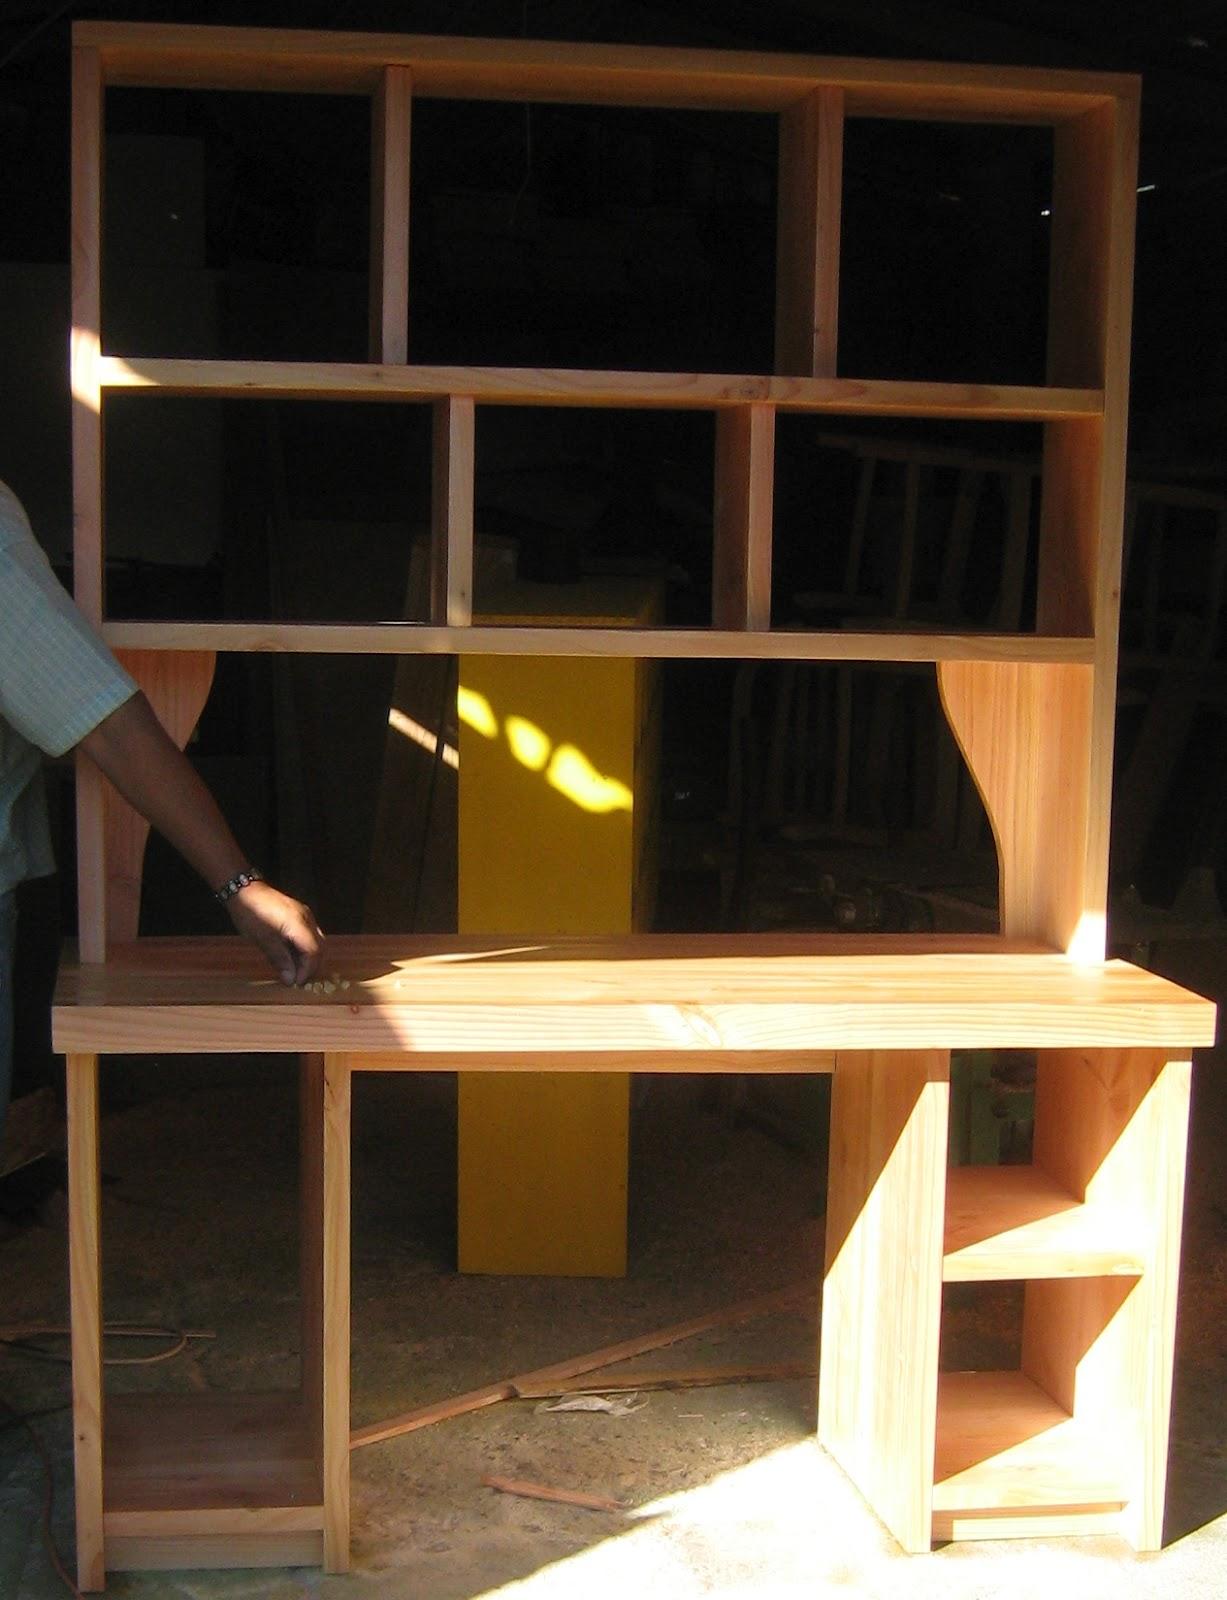 mueble tipo escritorio de lneas rectas con repisas para libros mesn para computador realizado en madera de pino oregn y barnizado natural